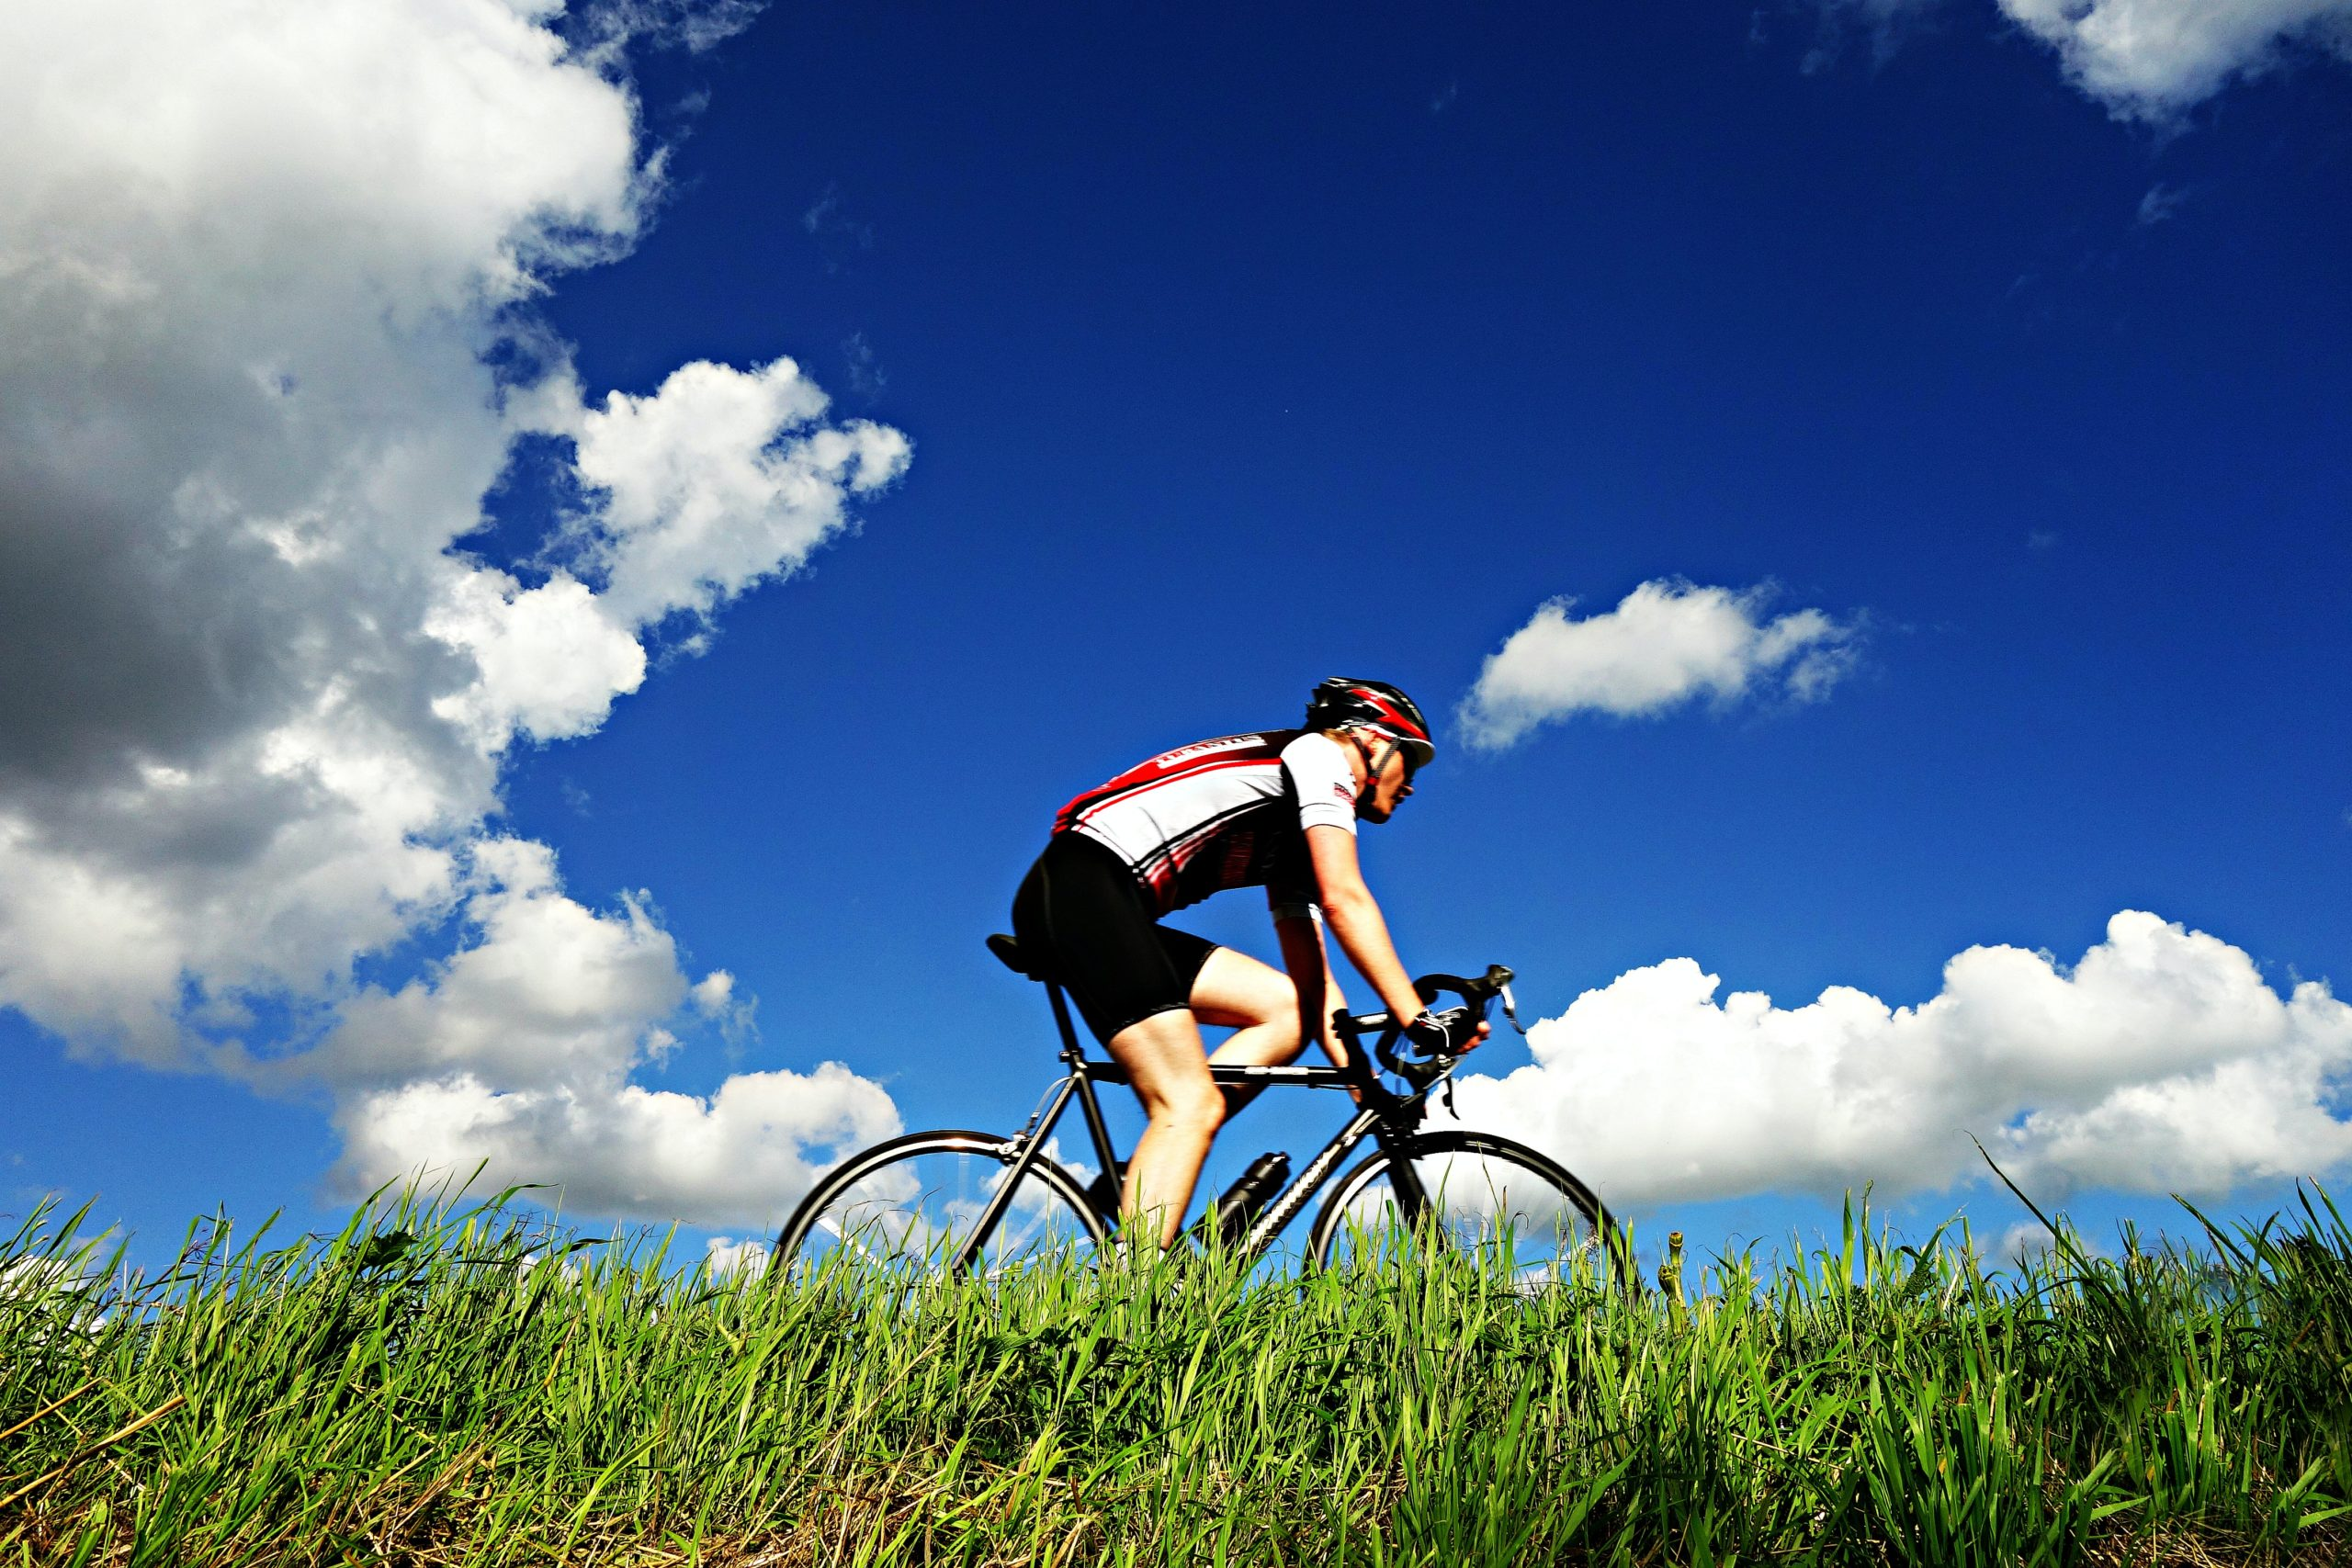 Man riding a bike under a blue sky.